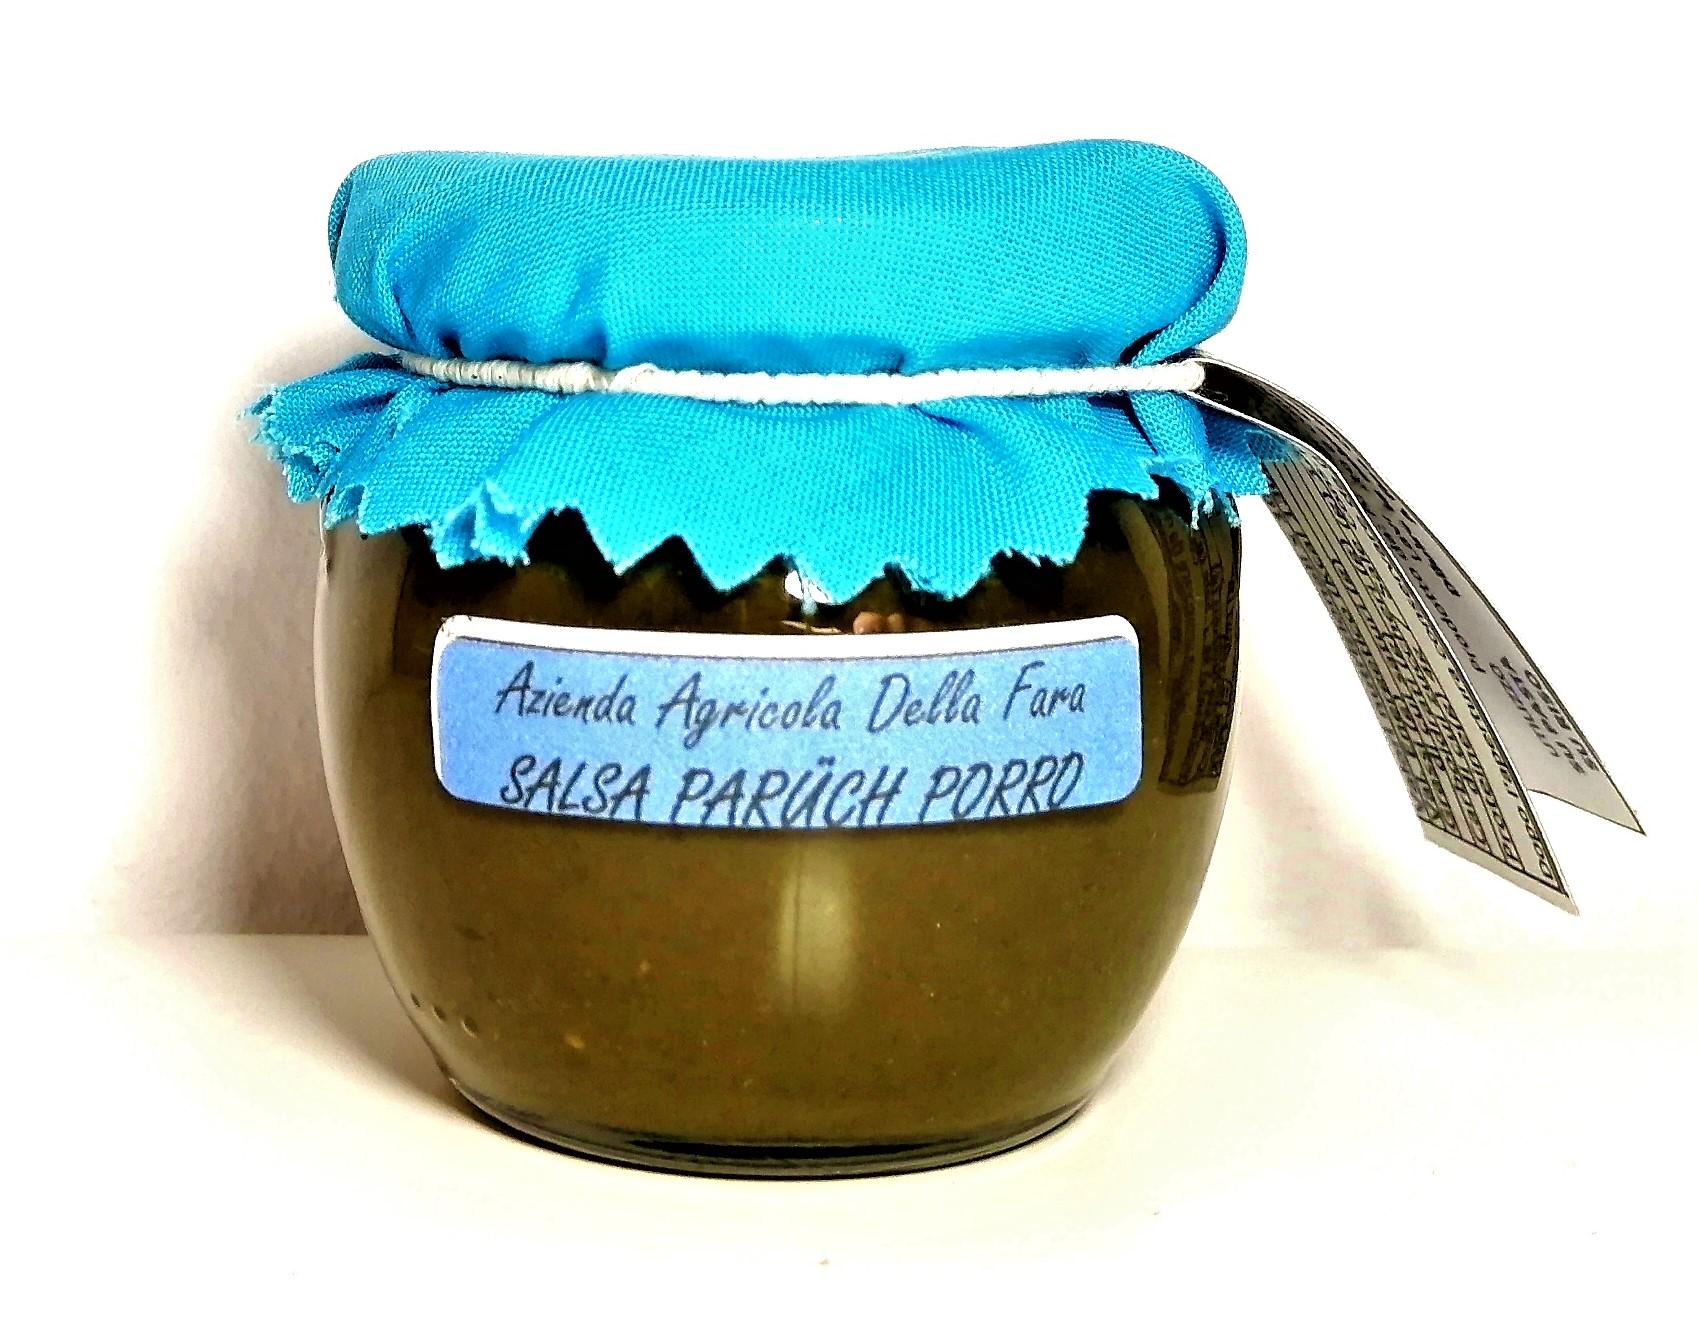 Vasetto salsa di paruch e porro